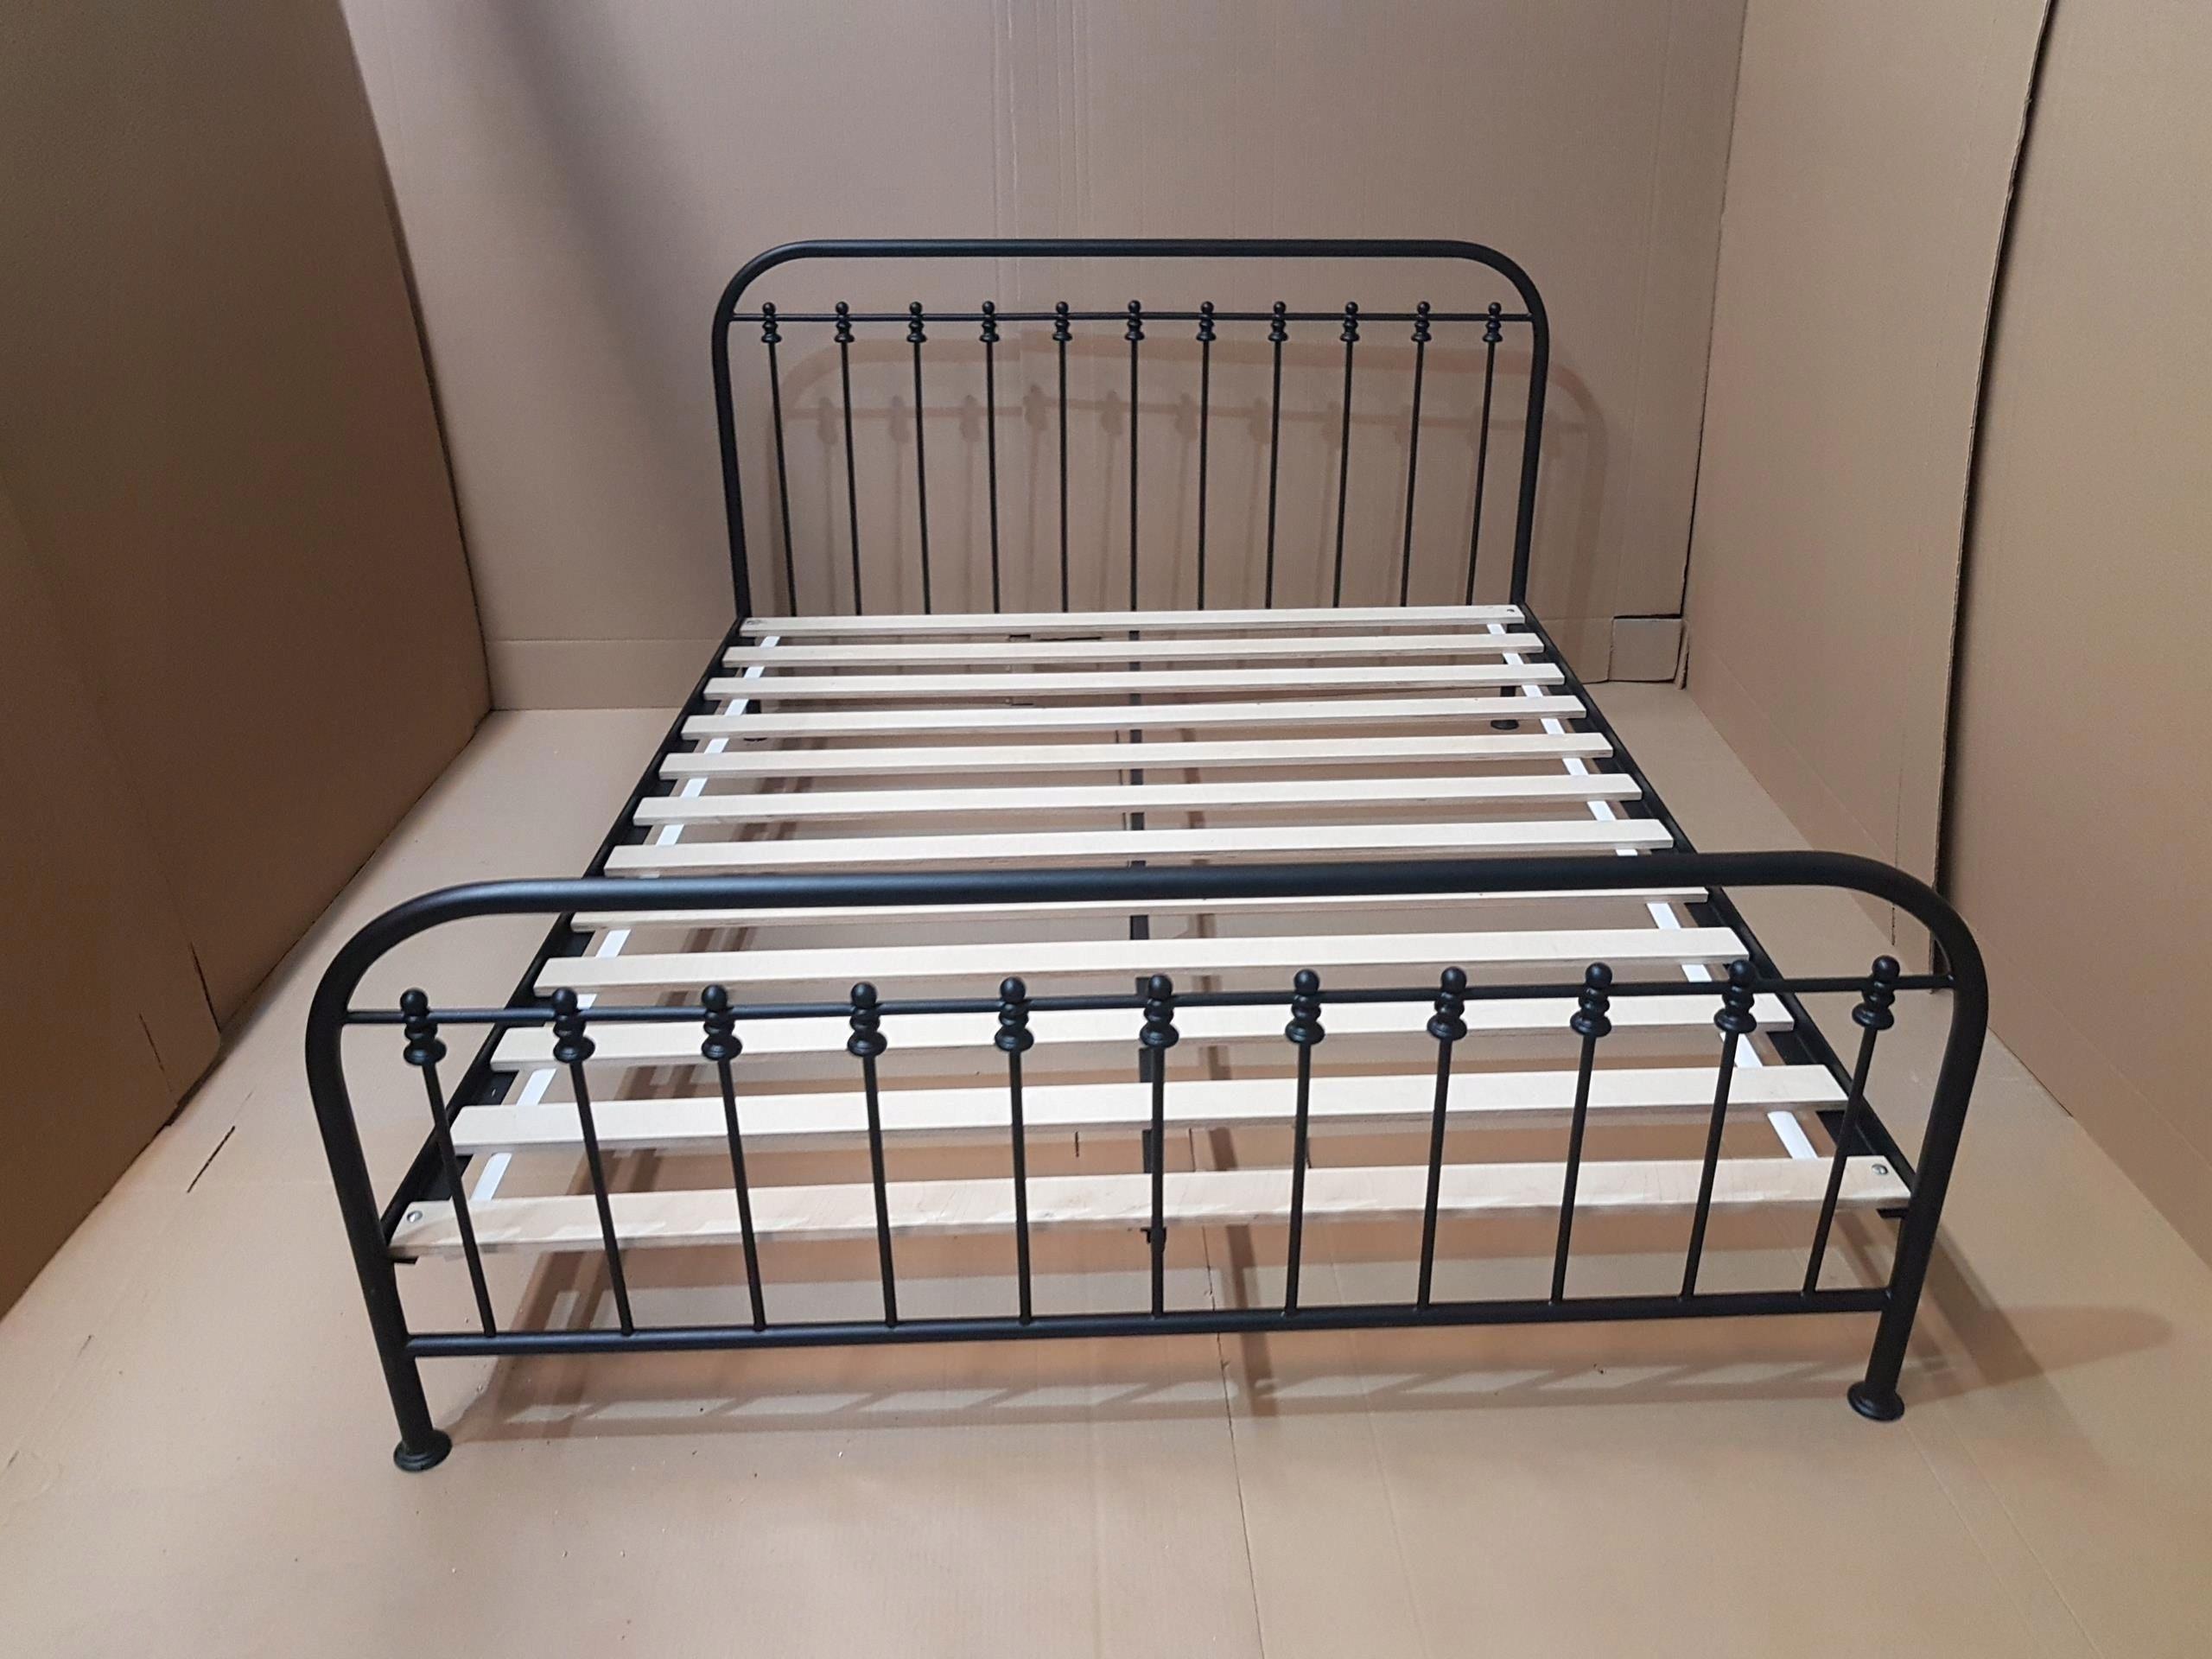 łóżko Metalowe Weroni Wysoki Nóżki Fi 32 160x200 In 2019